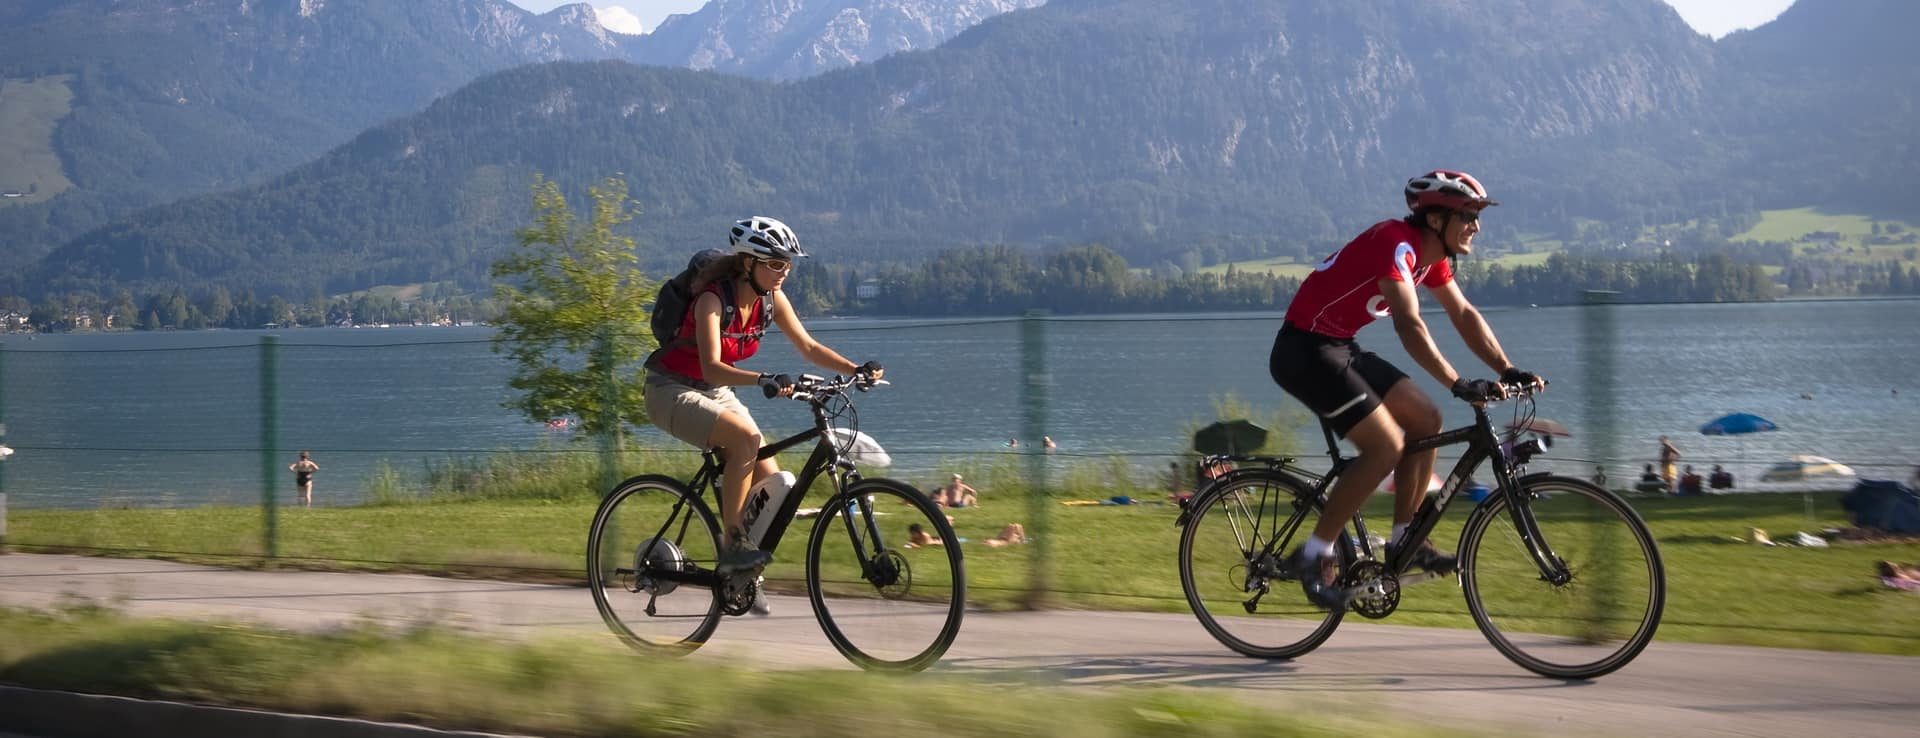 Härlig cykling vid Wolfgangsee Österrike